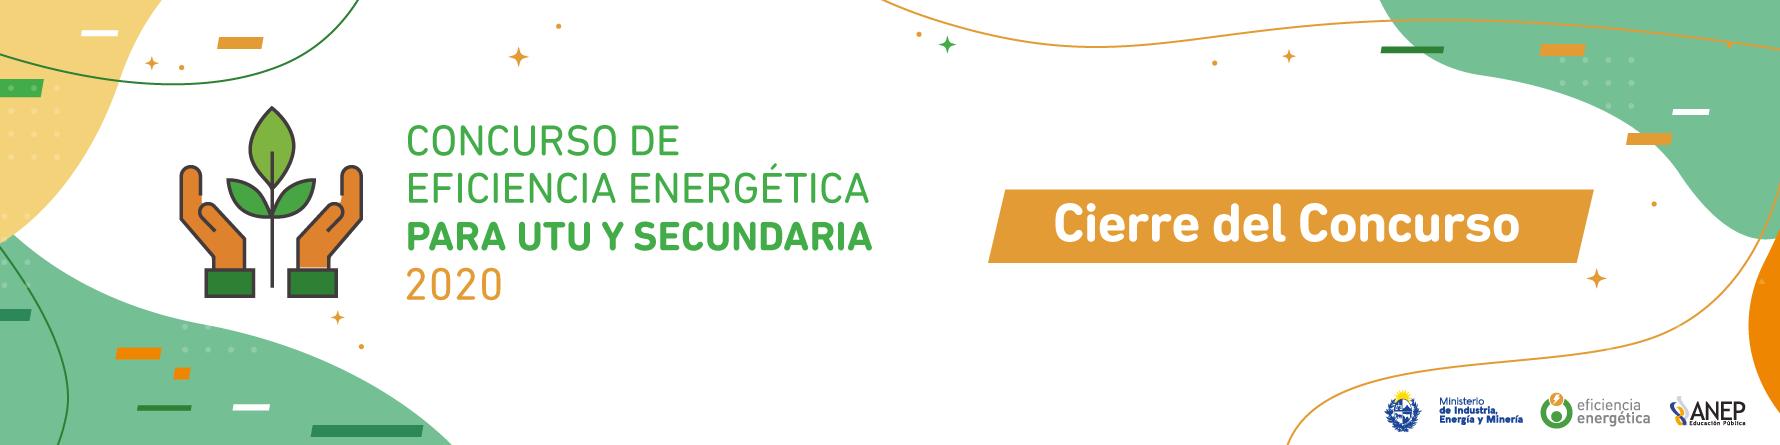 Cierre de Concurso de Eficiencia Energética para UTU y Secundaria